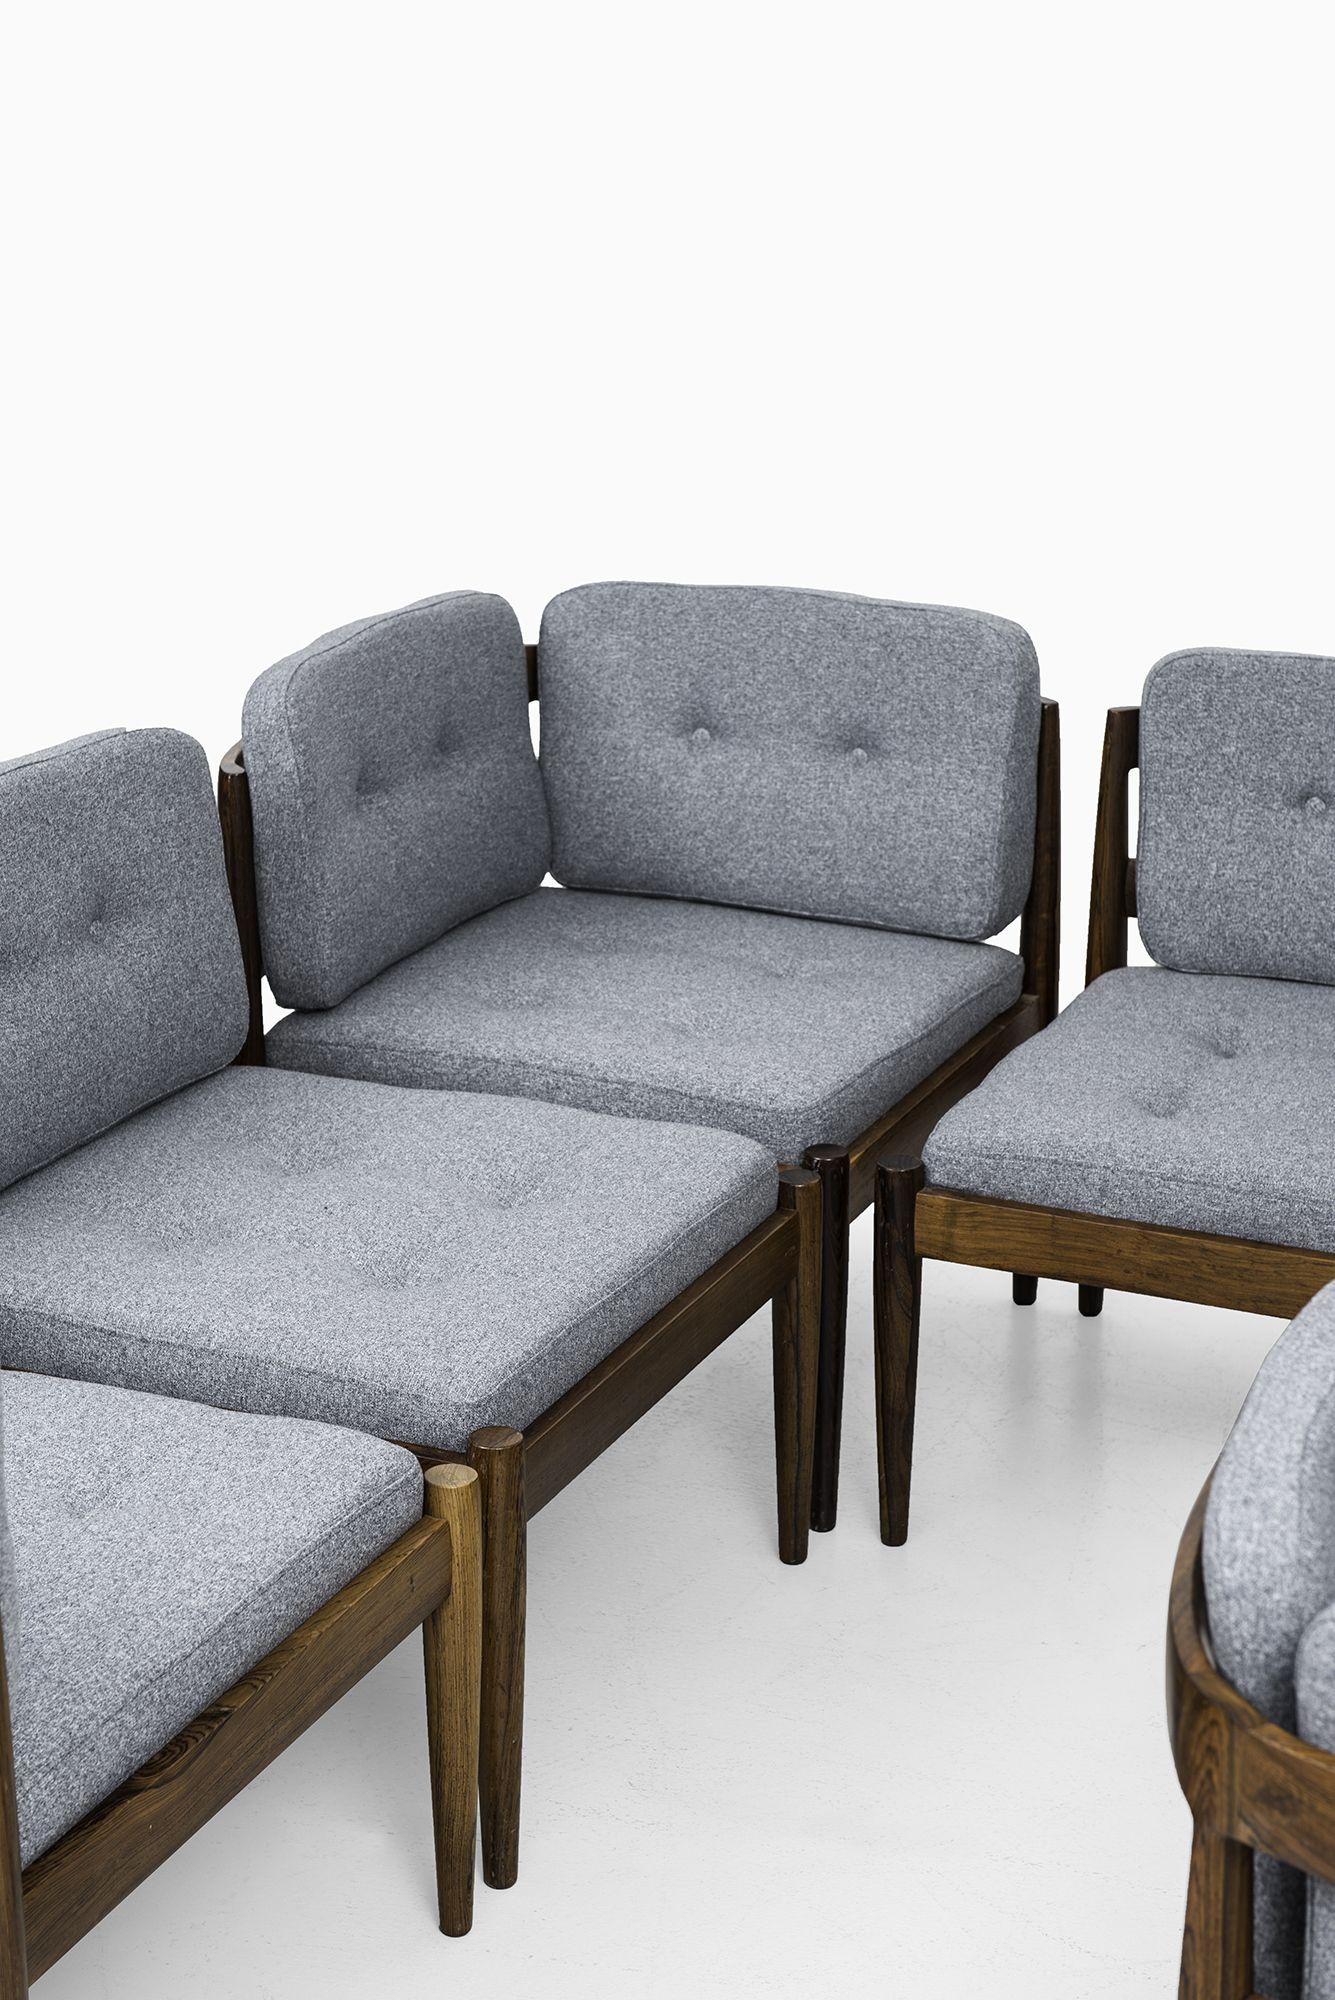 Kai Kristiansen Universe Seating Group At Studio Schalling Seat  # Muebles Gustavo Martin